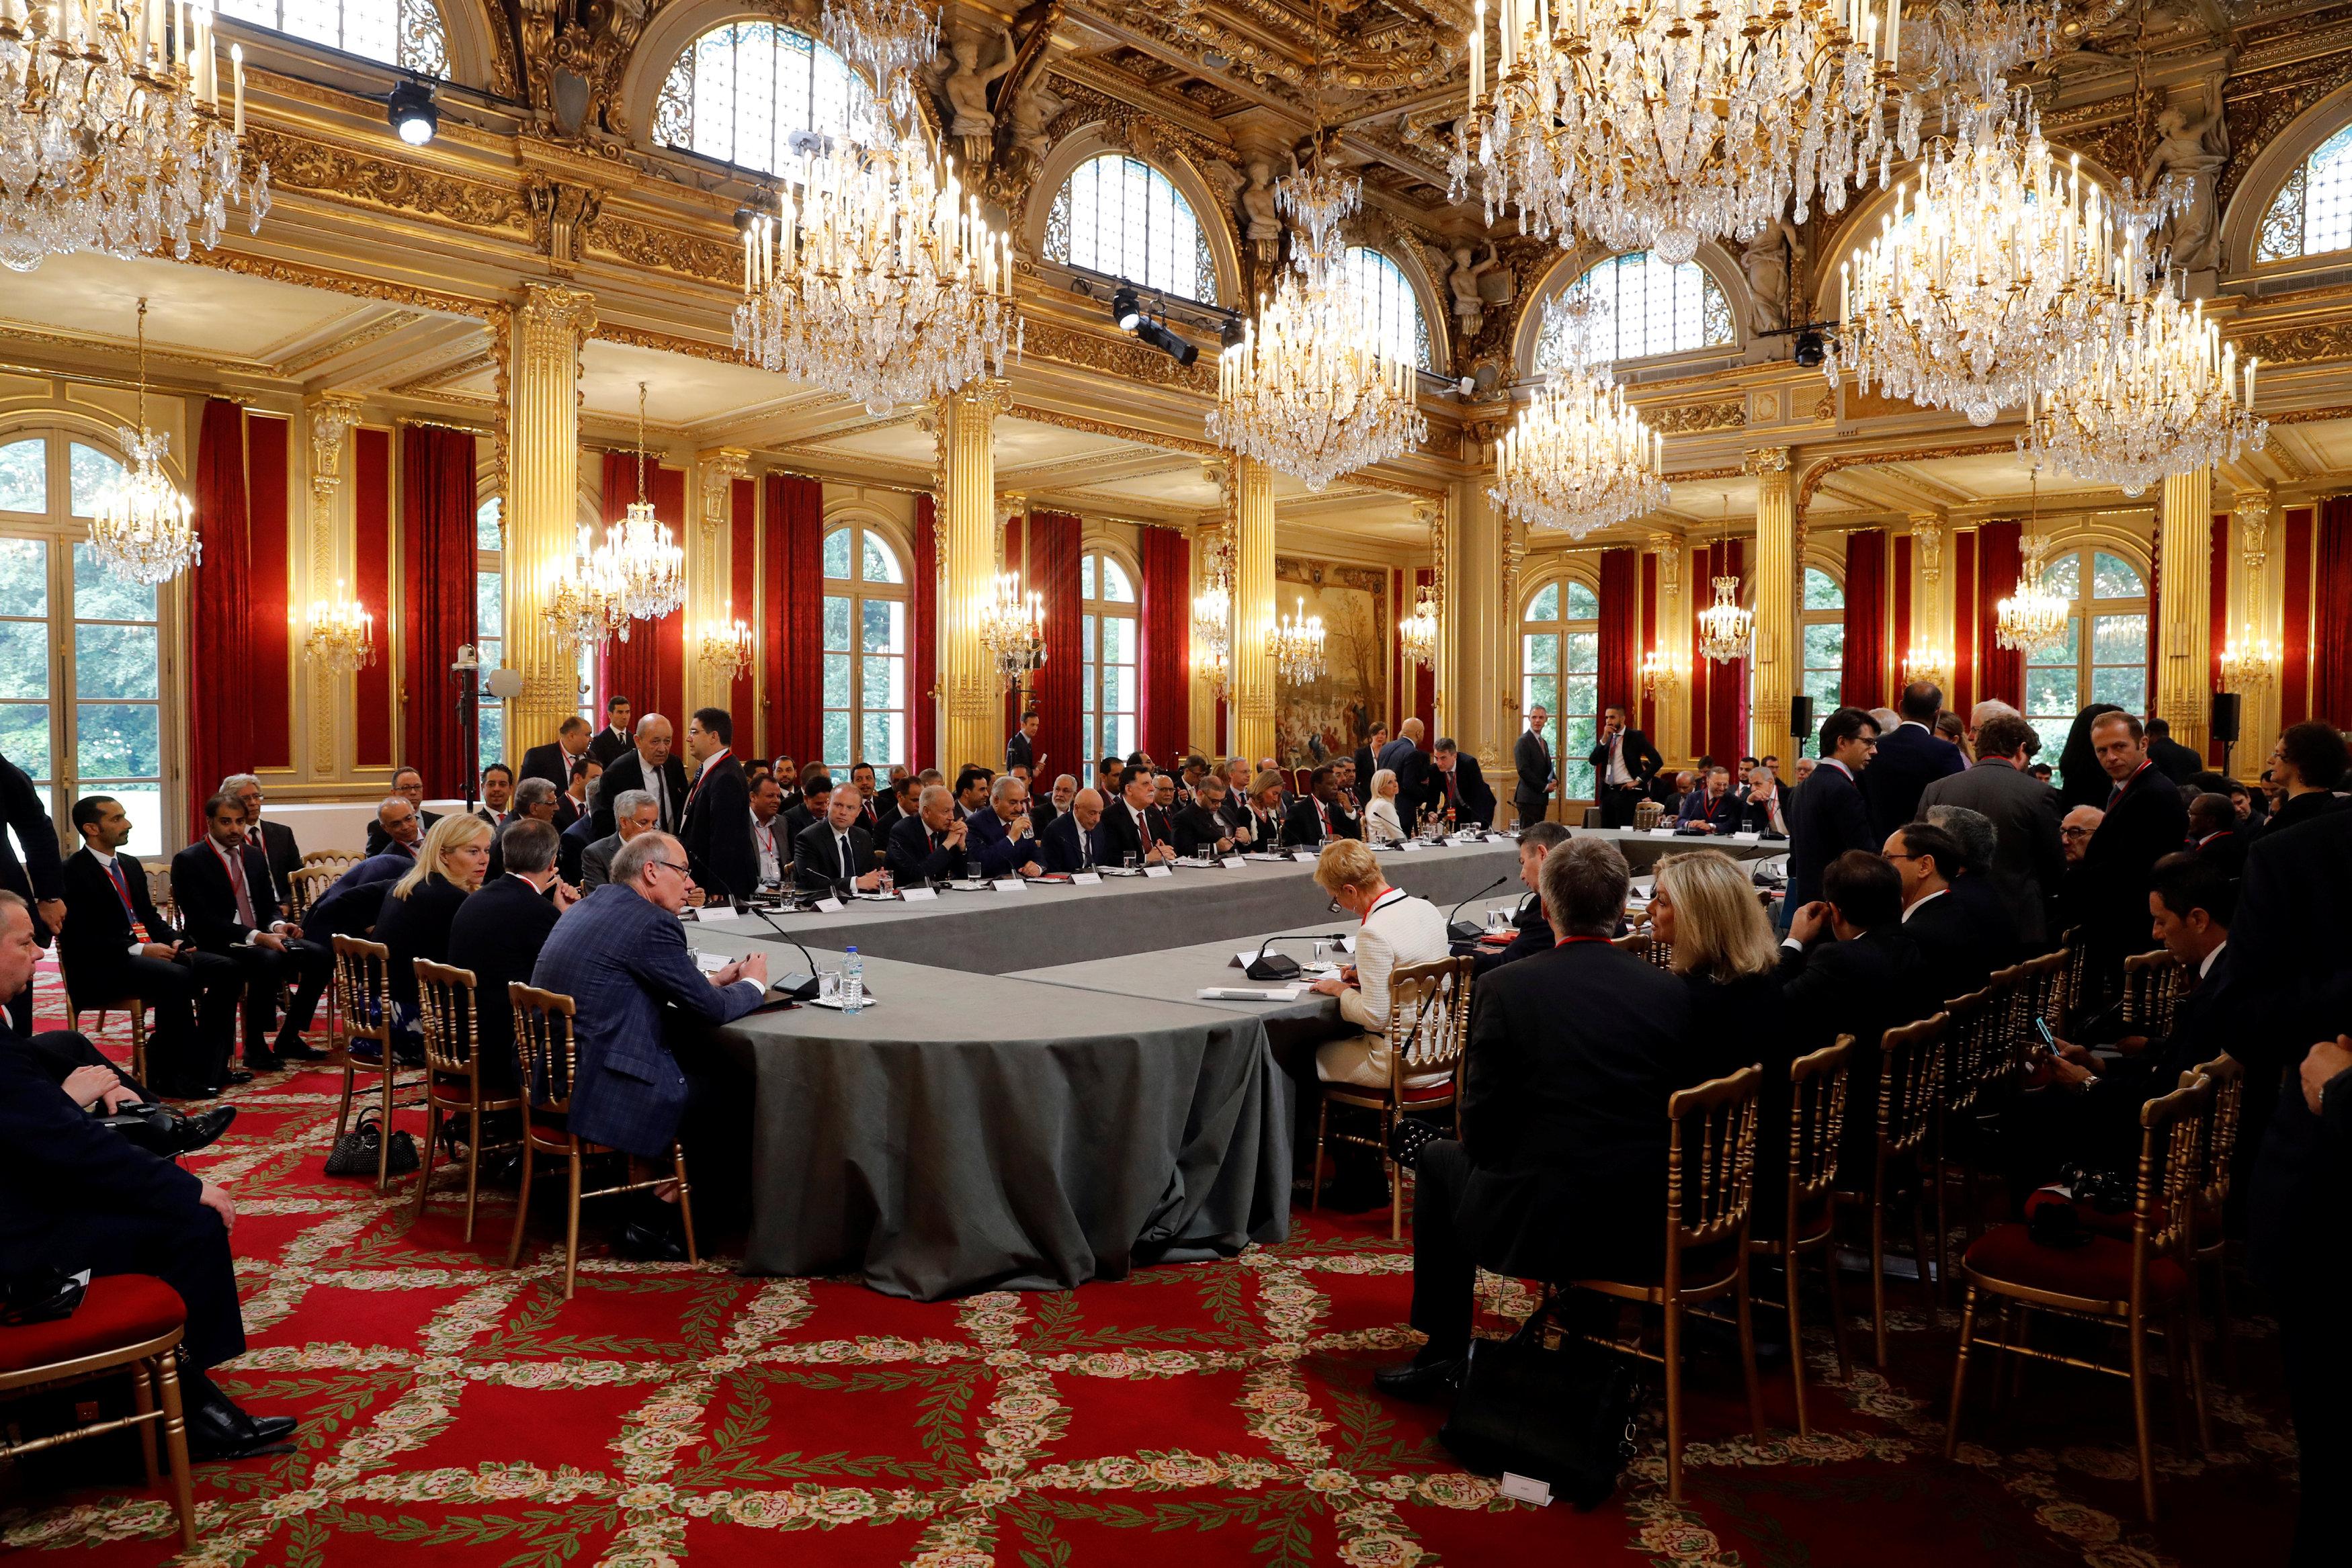 المؤتمر الدولي حول ليبيا في باريسالمؤتمر الدولي حول ليبيا في باريس